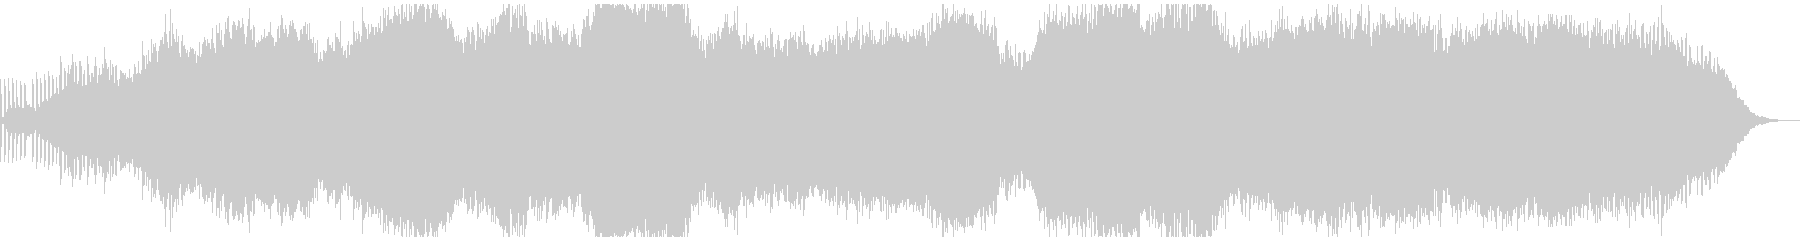 生演奏ピアノが独特なアンビエントBGMの未再生の波形